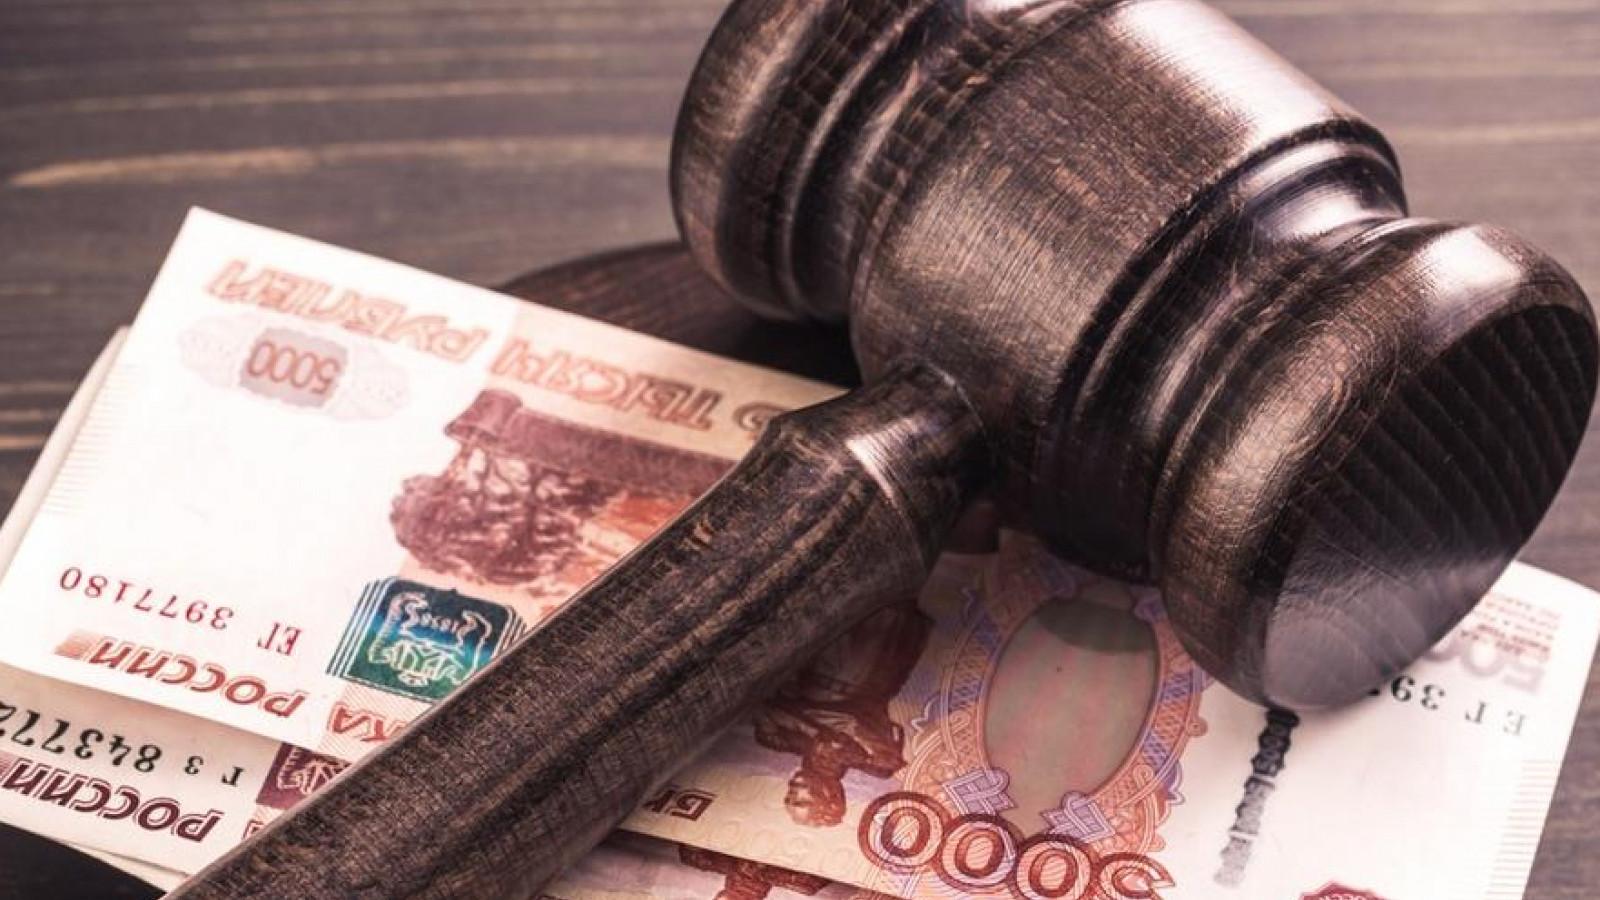 УФАС Подмосковья оштрафовало ООО «АртТоргСтрой» за участие в картельном сговоре